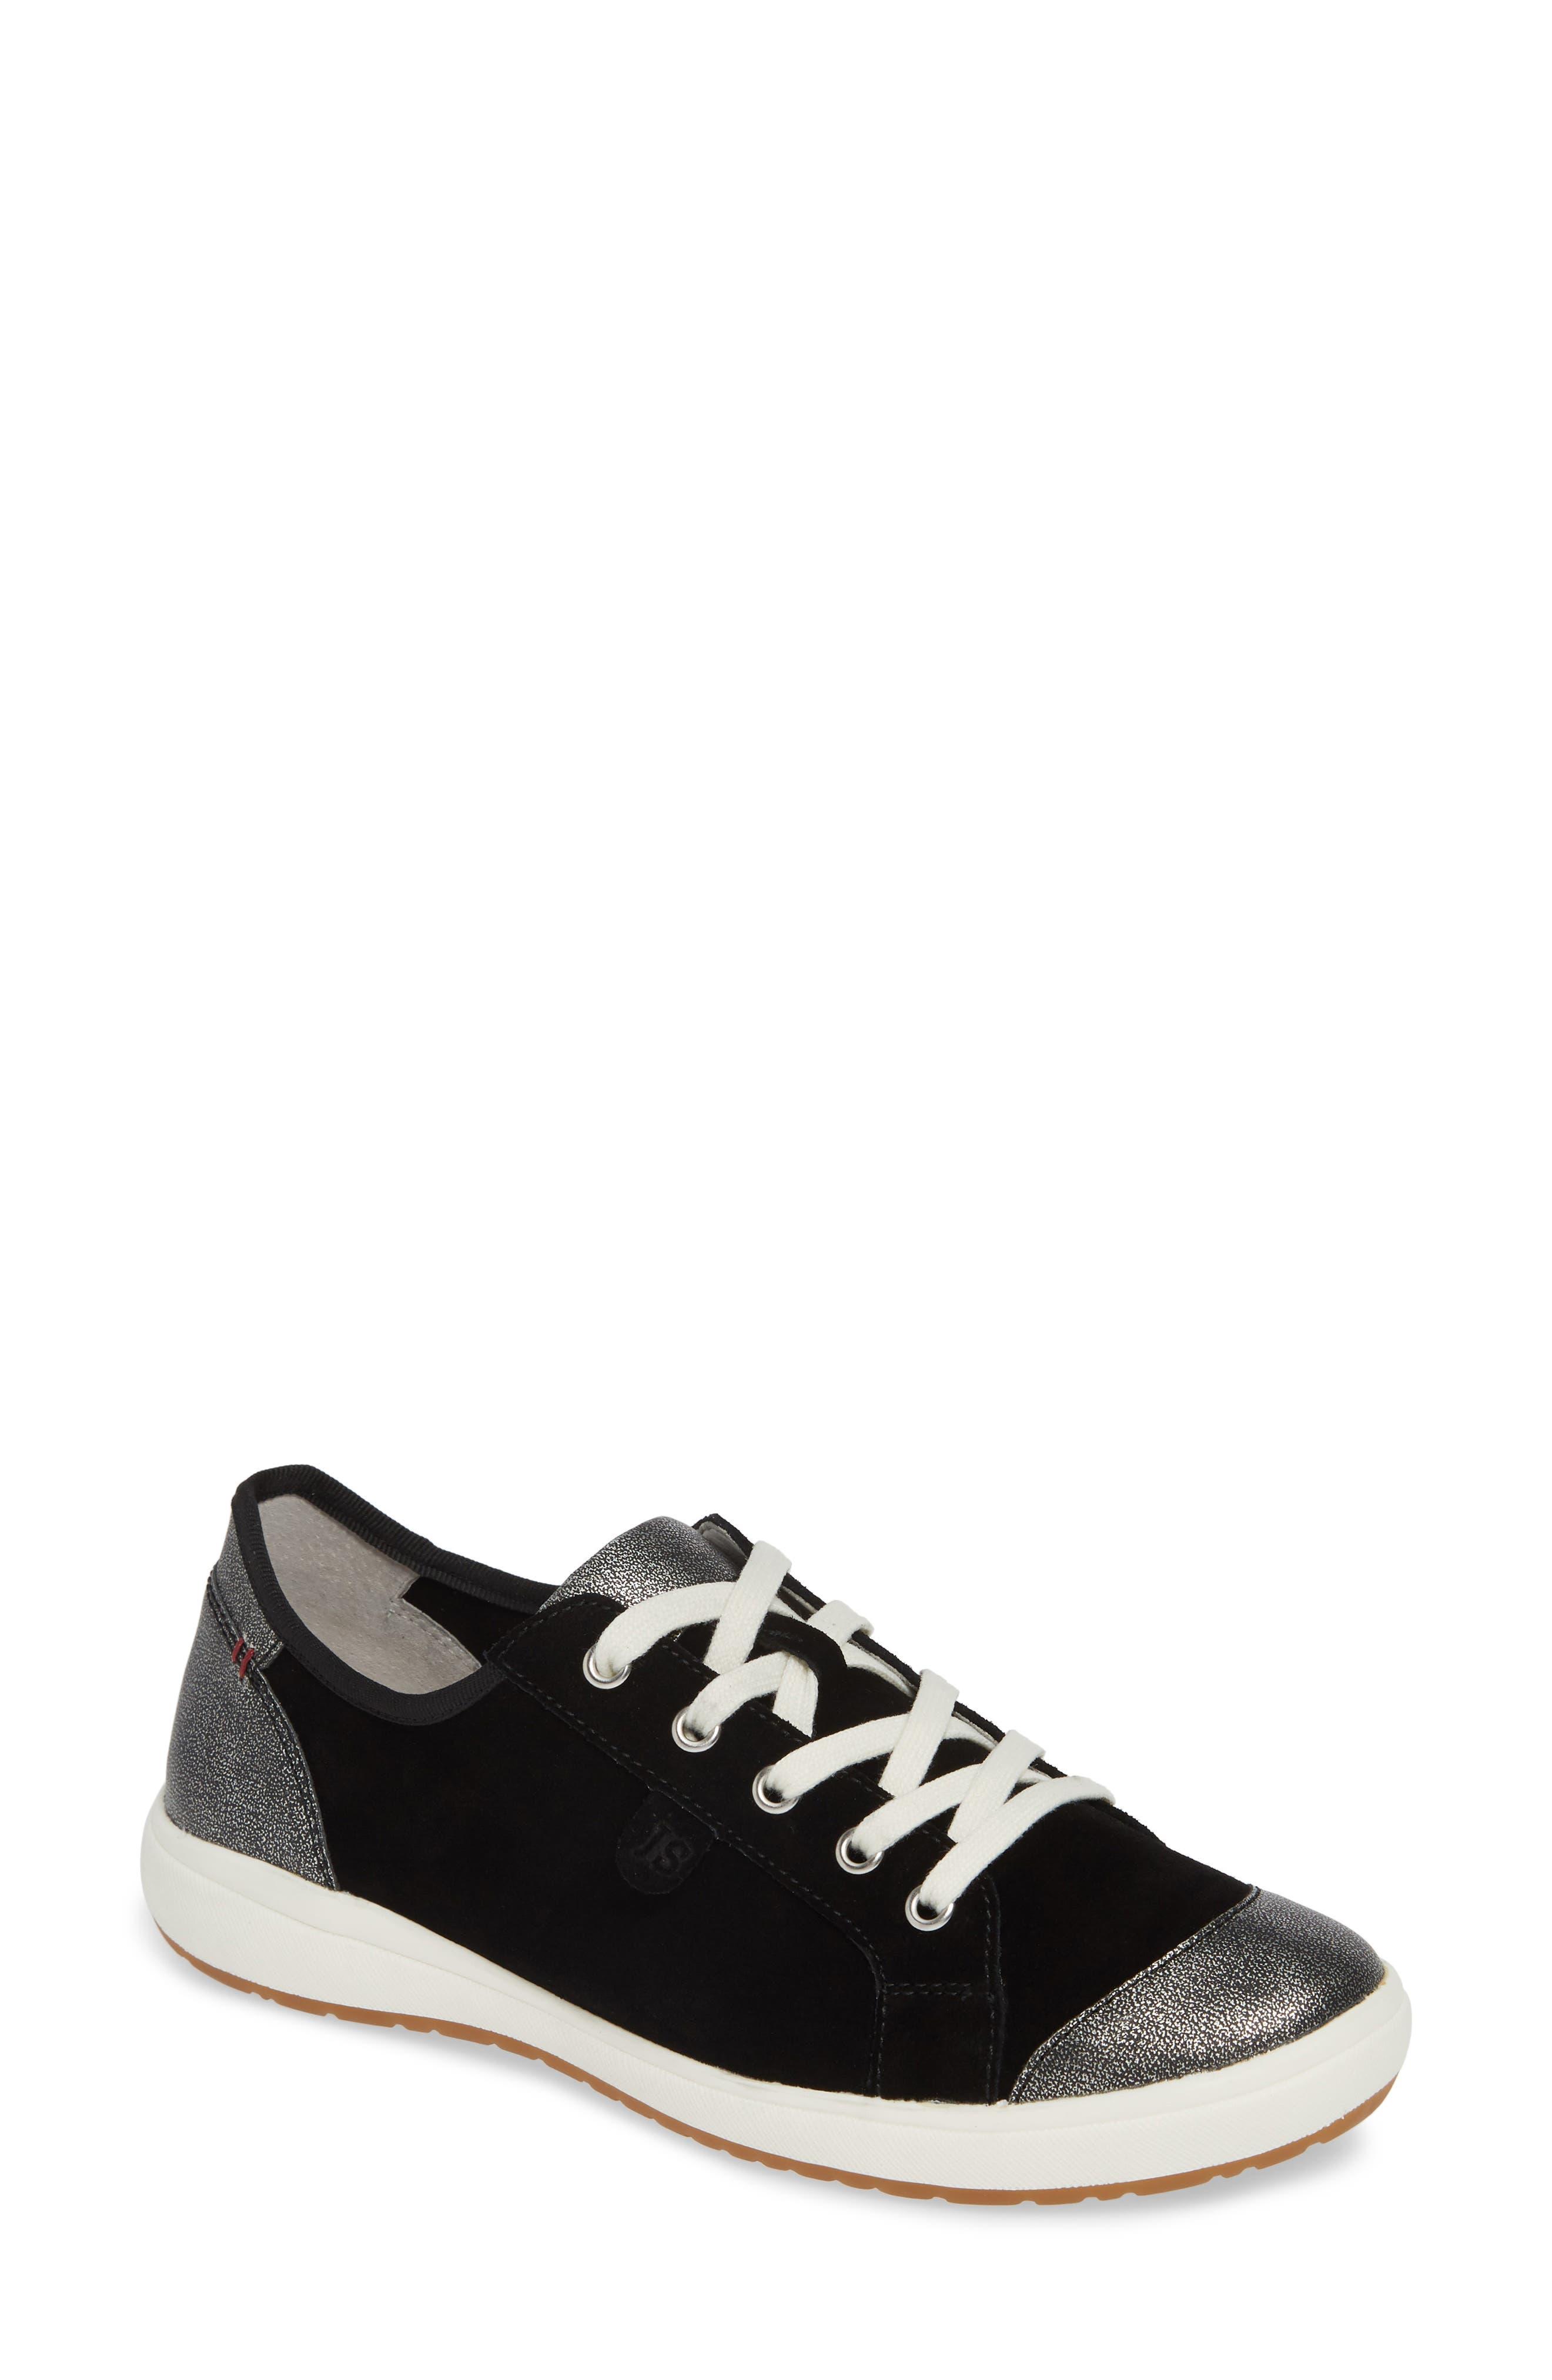 Josef Seibel Caren 08 Sneaker, Black